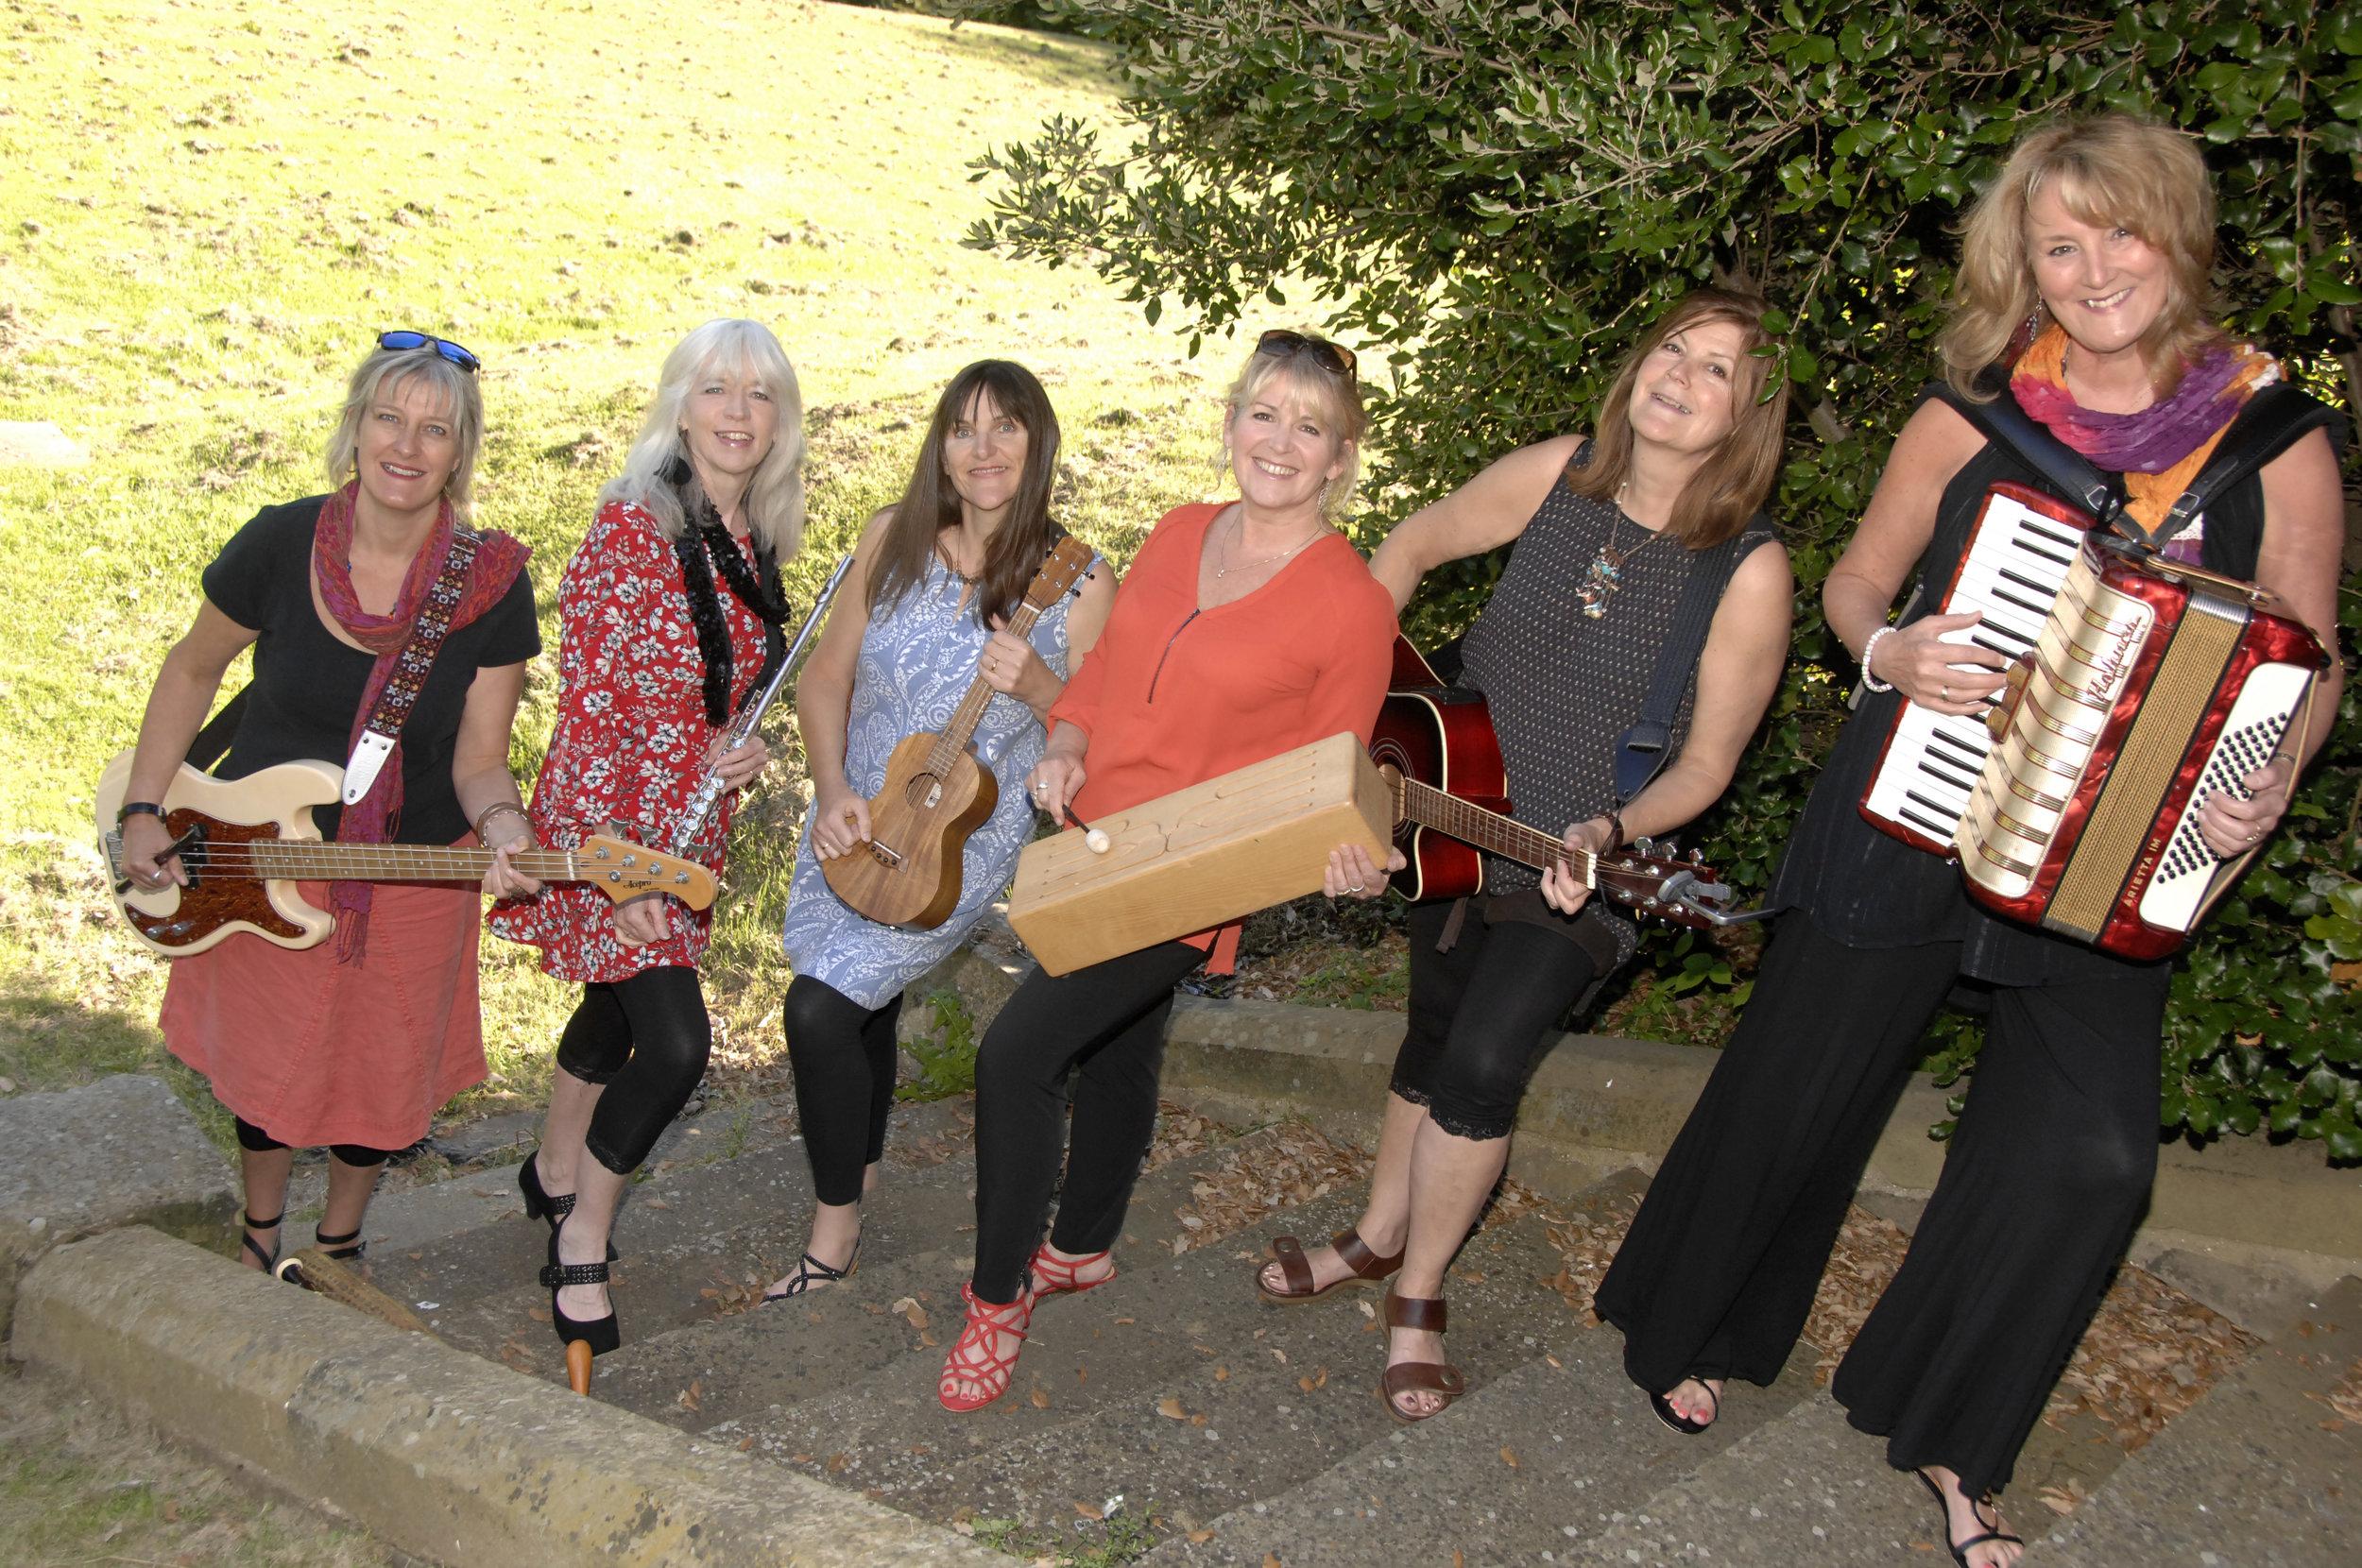 L-R: Sarah Dew, Jane Lewis, Nia Davidson, Sally Lidgley, Pat Edmond and Karen Chalmers (to order photos ring 353597)